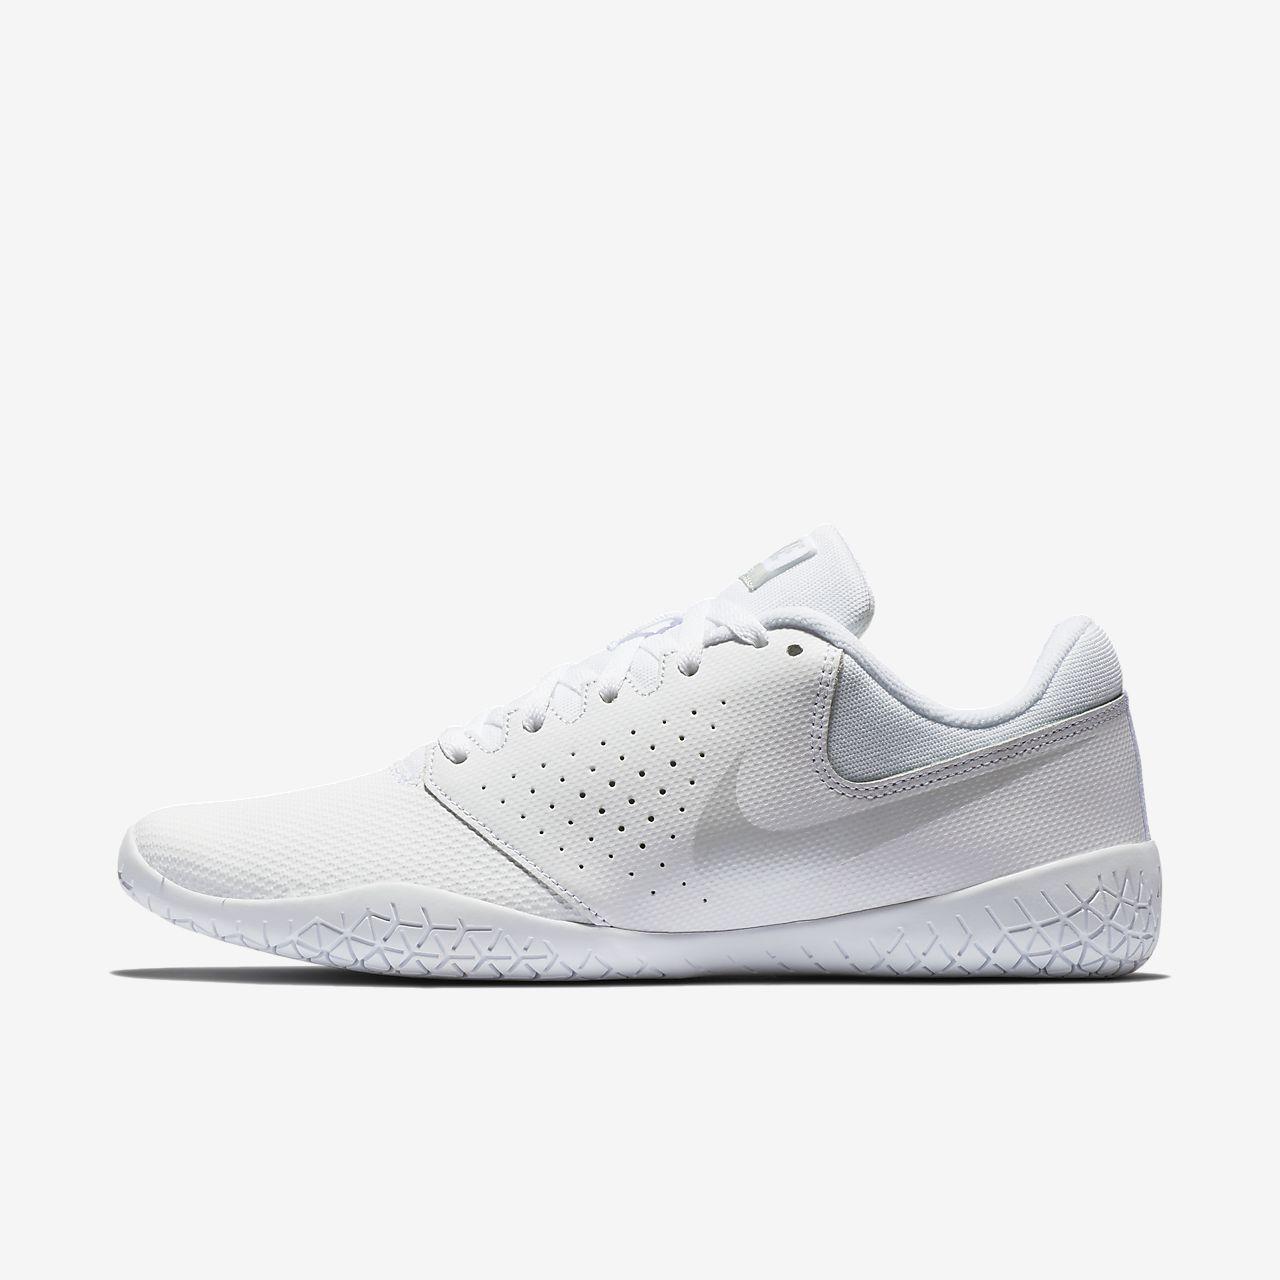 Nike Women S And Girl S Sideline Iii Insert Cheerleading Shoes